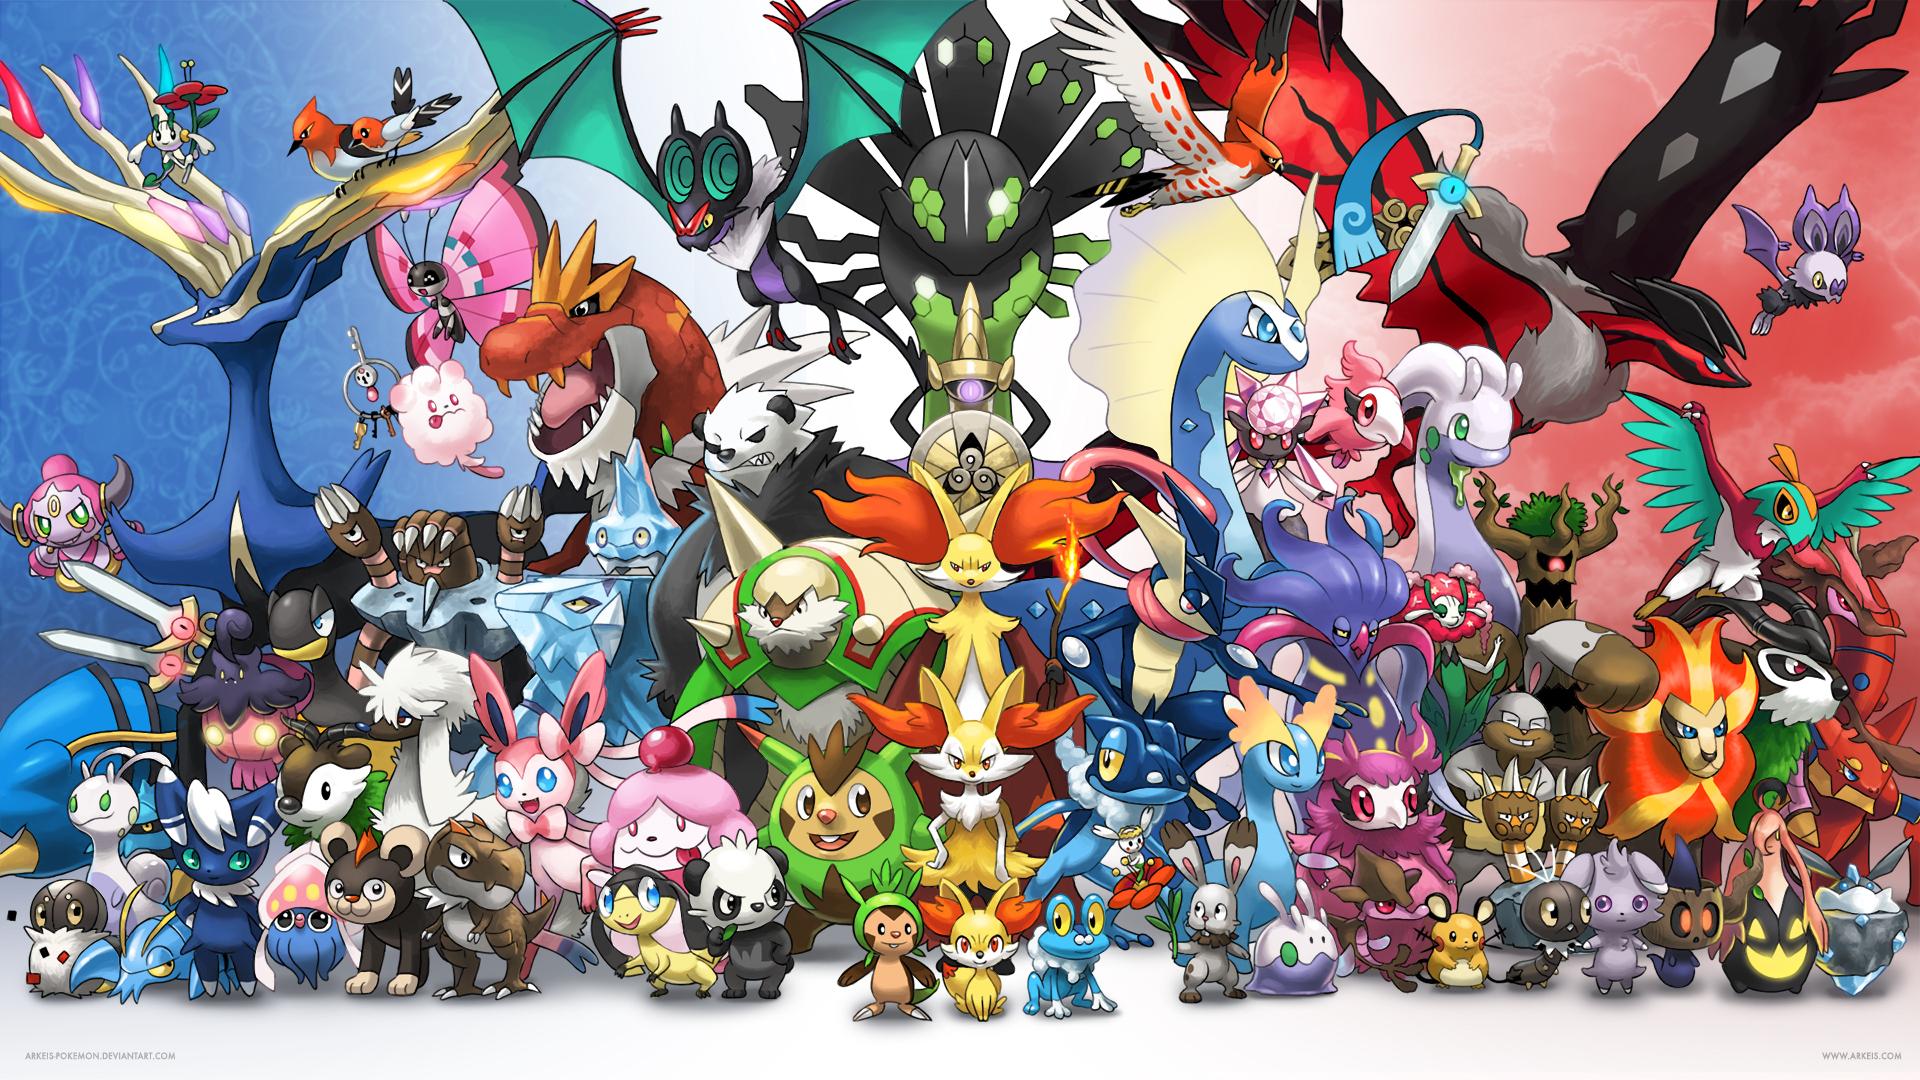 Hd wallpaper hero mobile legend - Wallpaper Generation 6 By Arkeis Pokemon On Deviantart